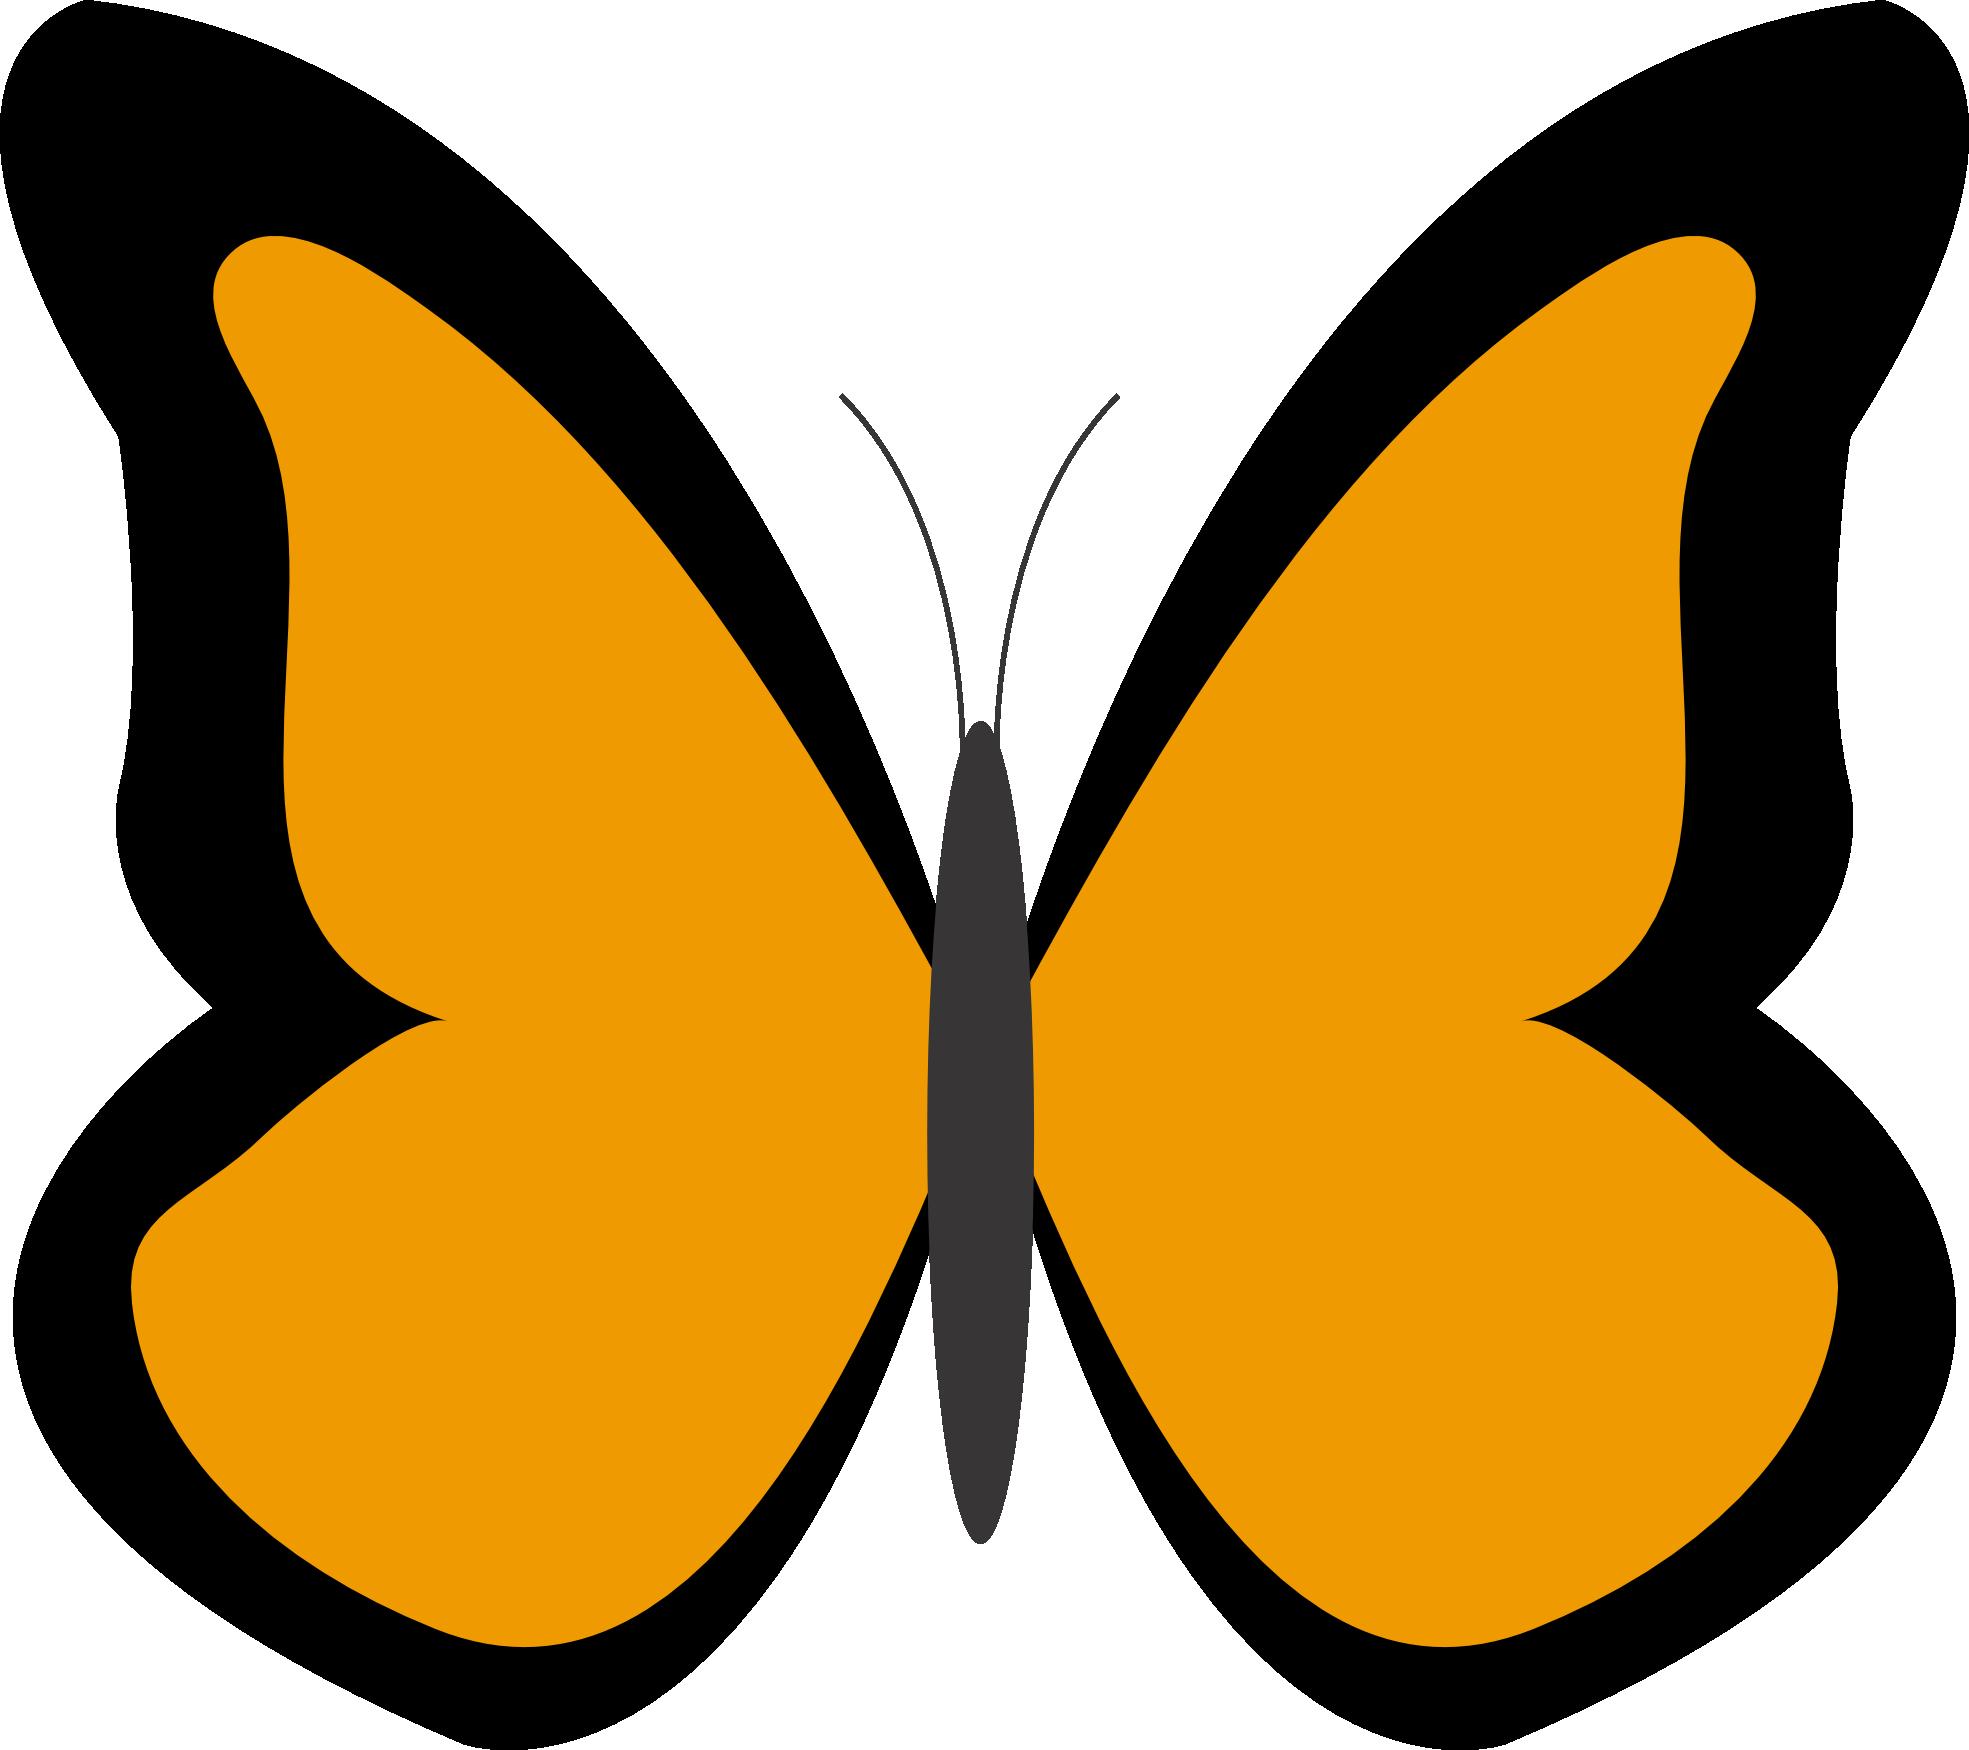 Orange Flower clipart orange color Orange Images Clipart Free orange%20color%20clipart